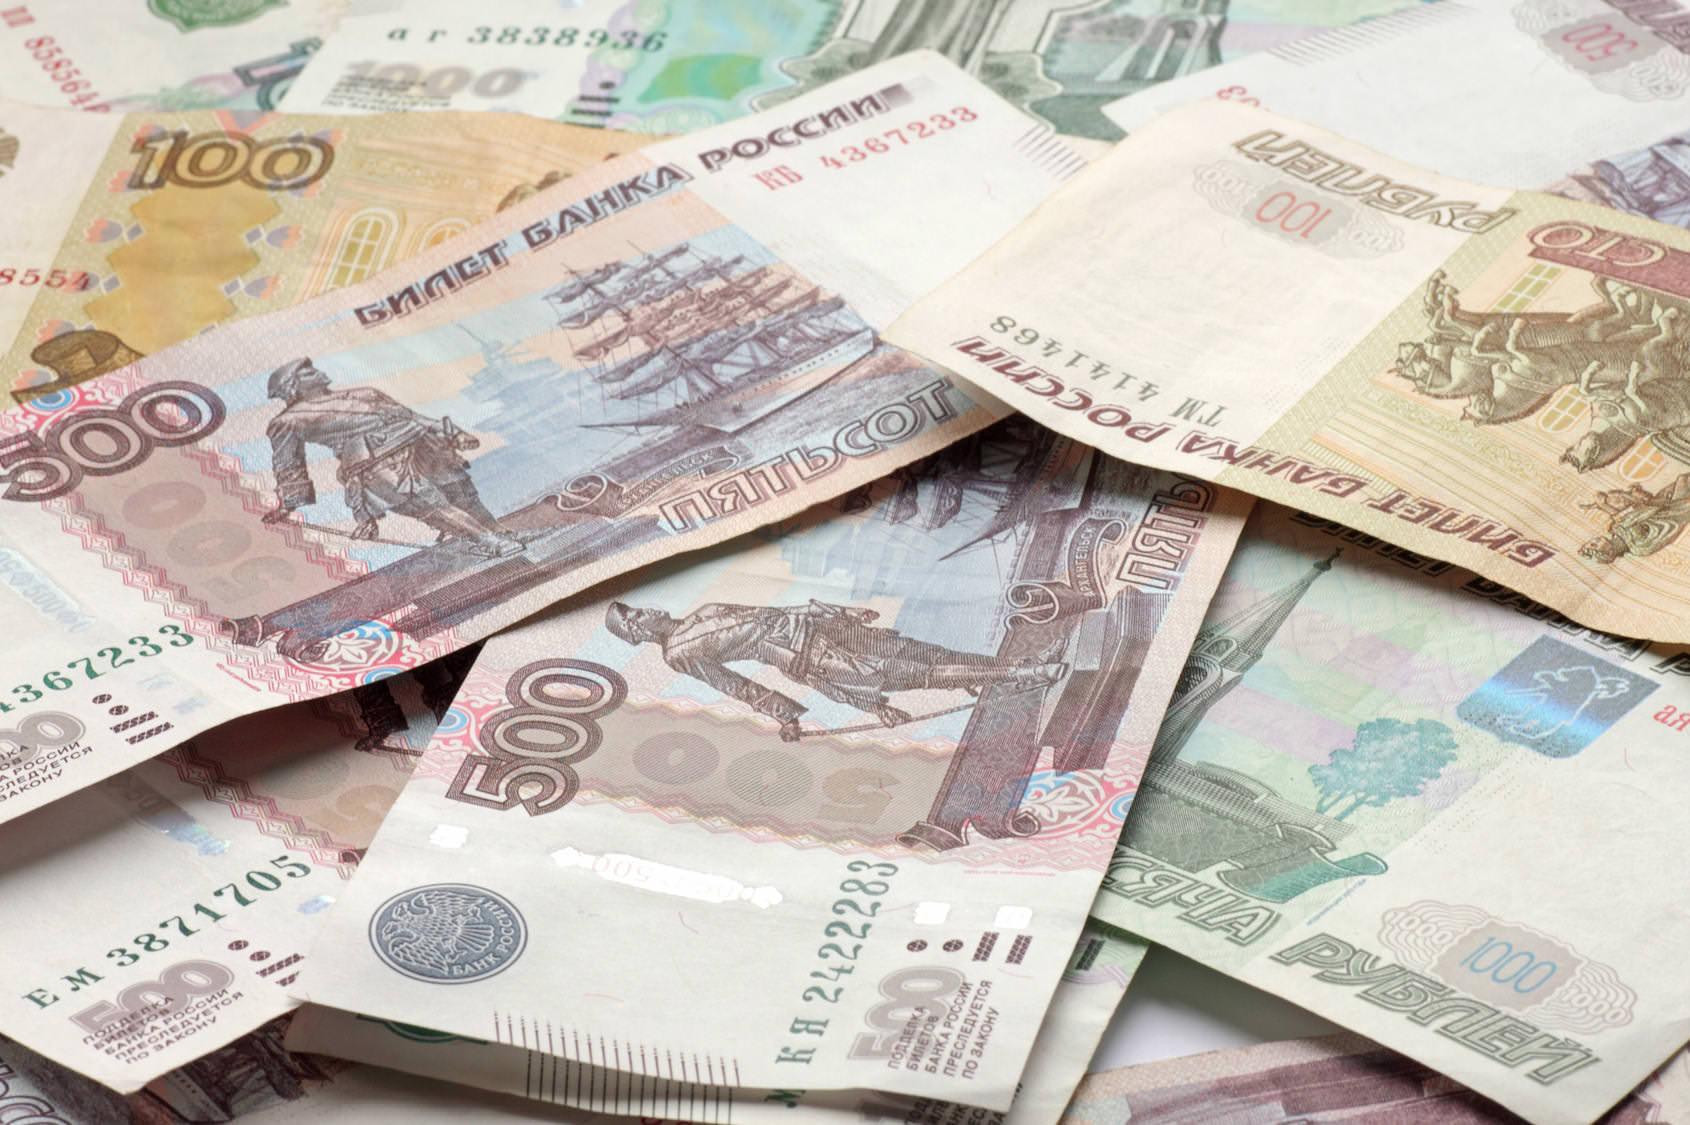 Можно ли не платить алименты и кому положено освобождение? (фото: romantiche - Fotolia.com).